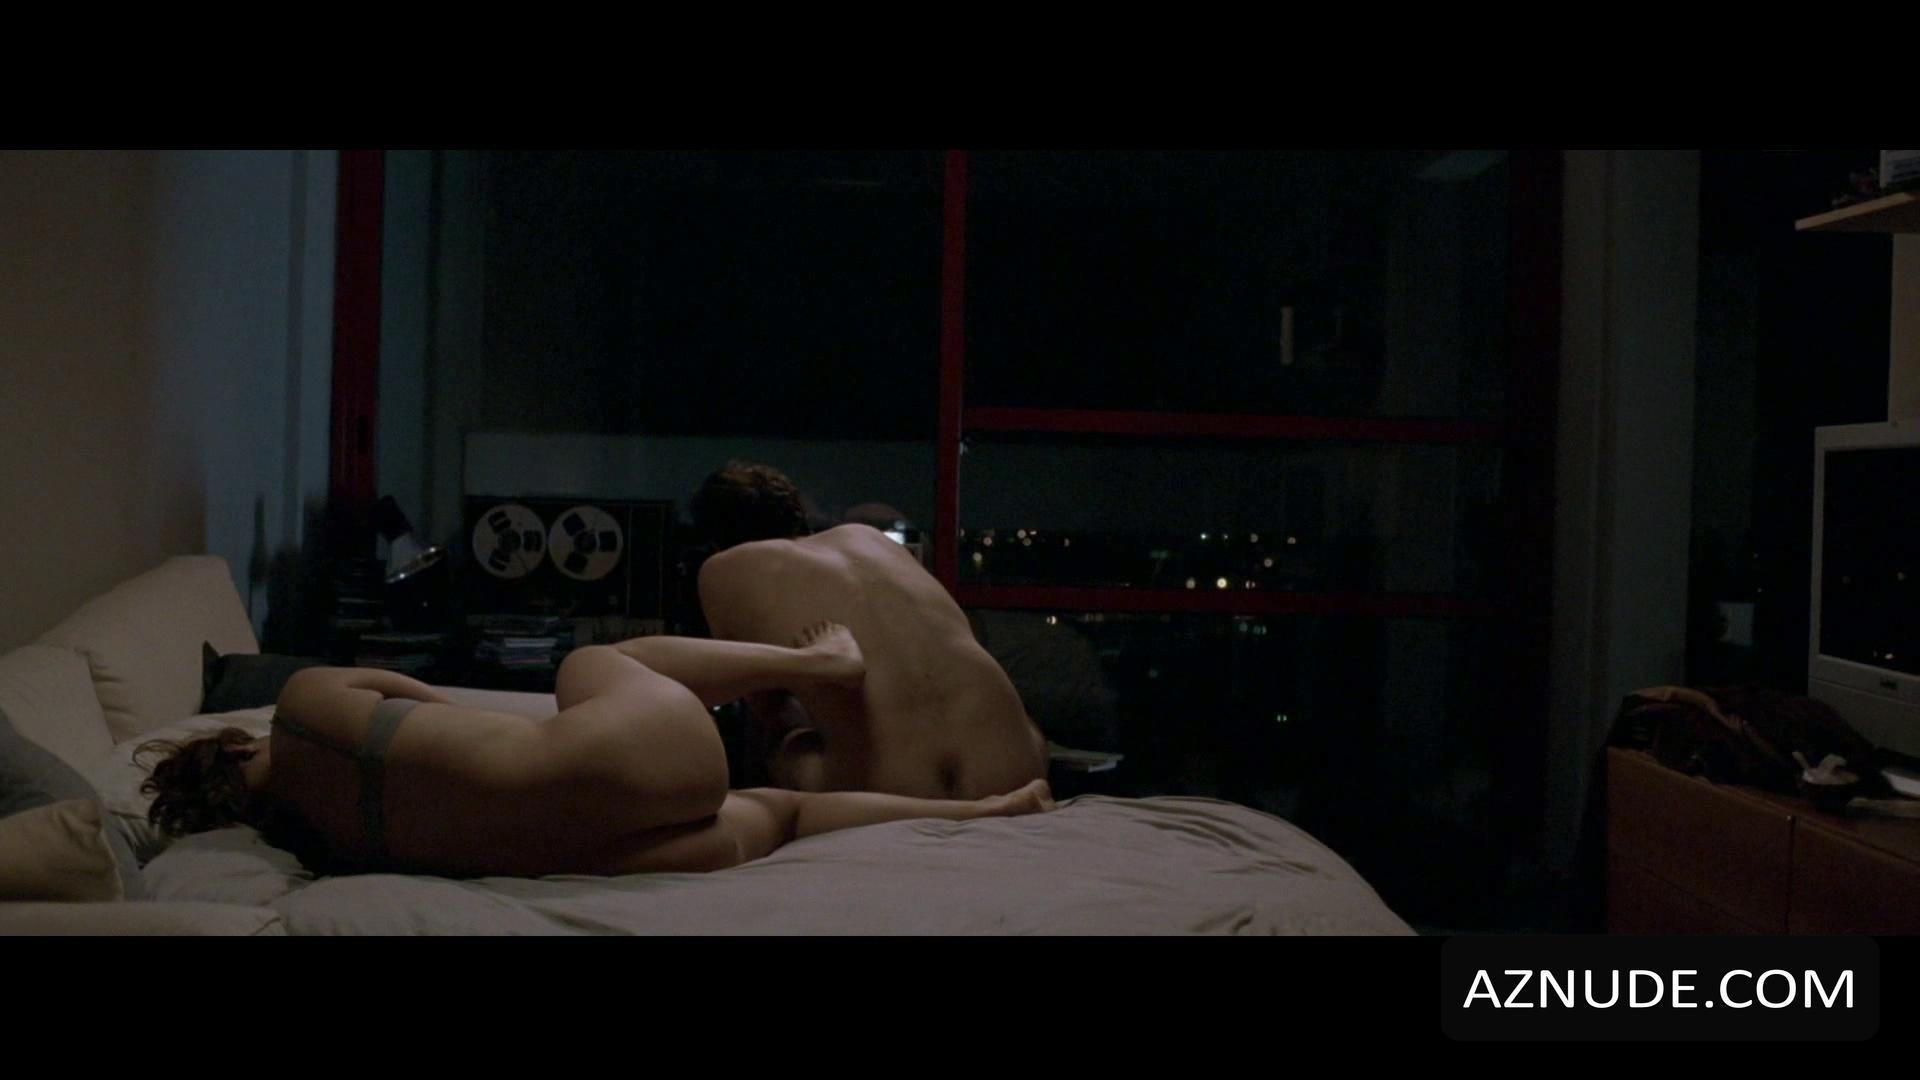 Hot Ving Rhames Nude Jpg